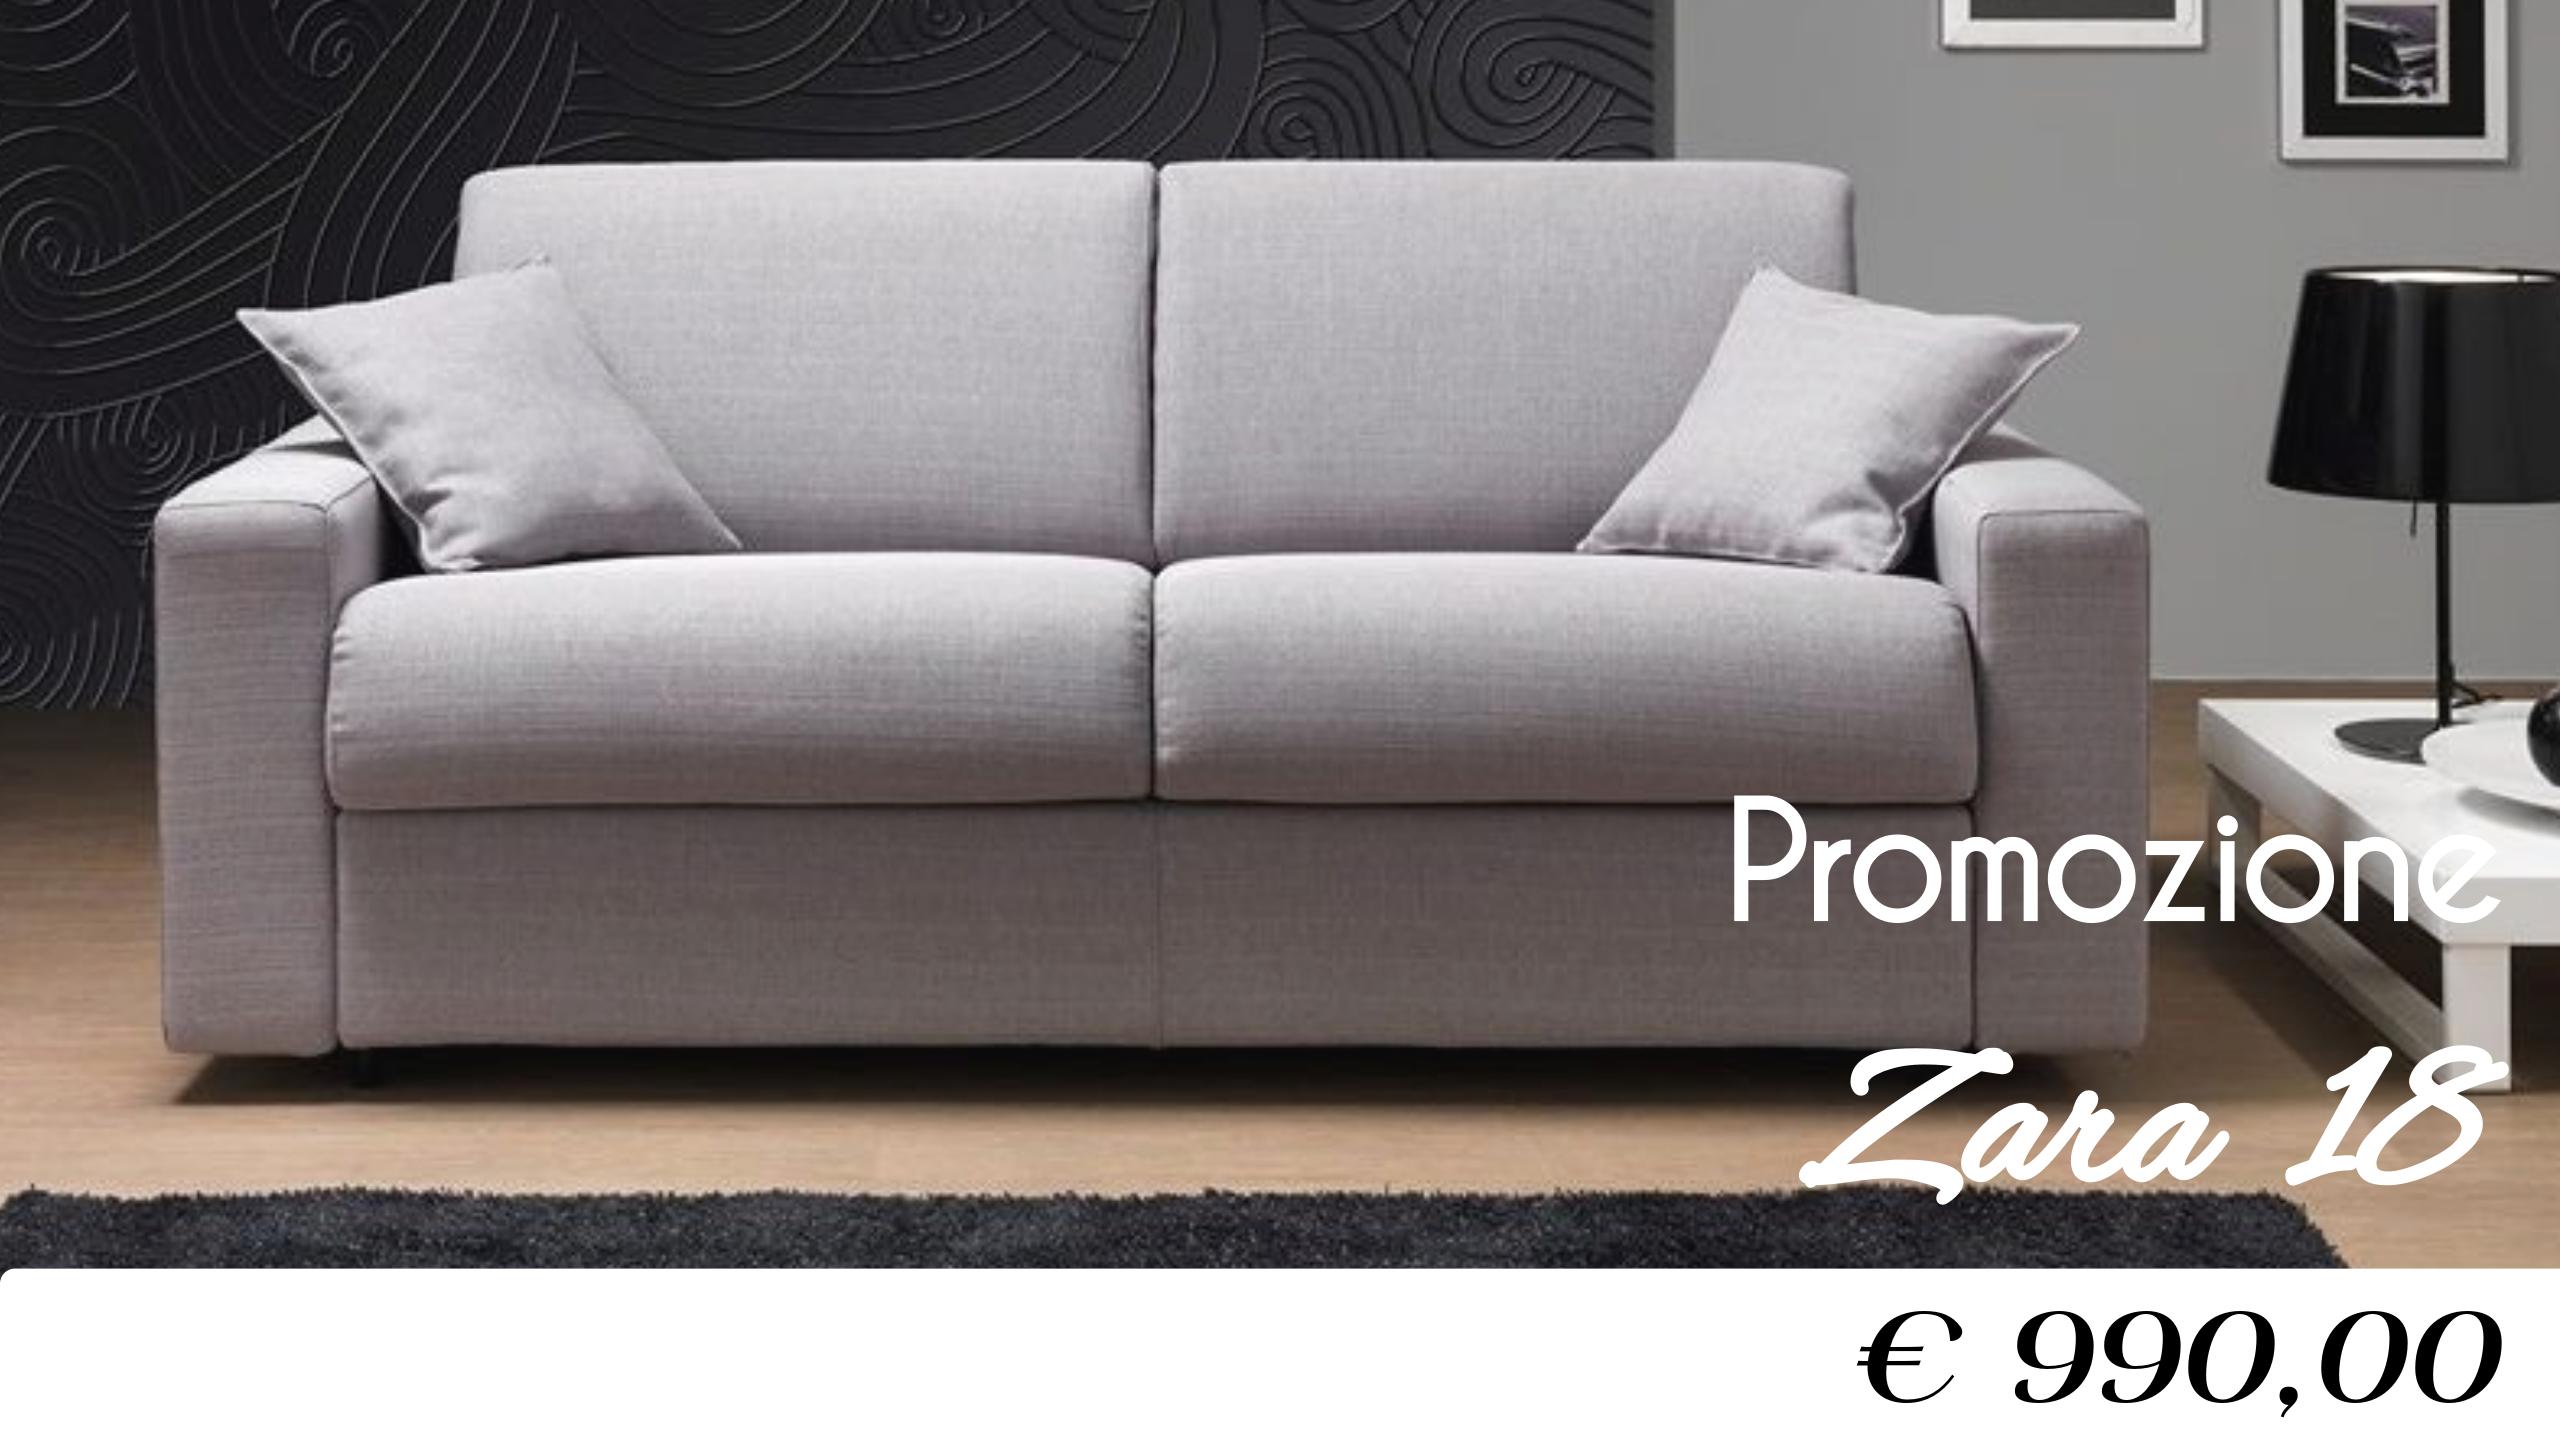 Promozioni divano letto perfect divano letto ikea for Confalone divani prezzi